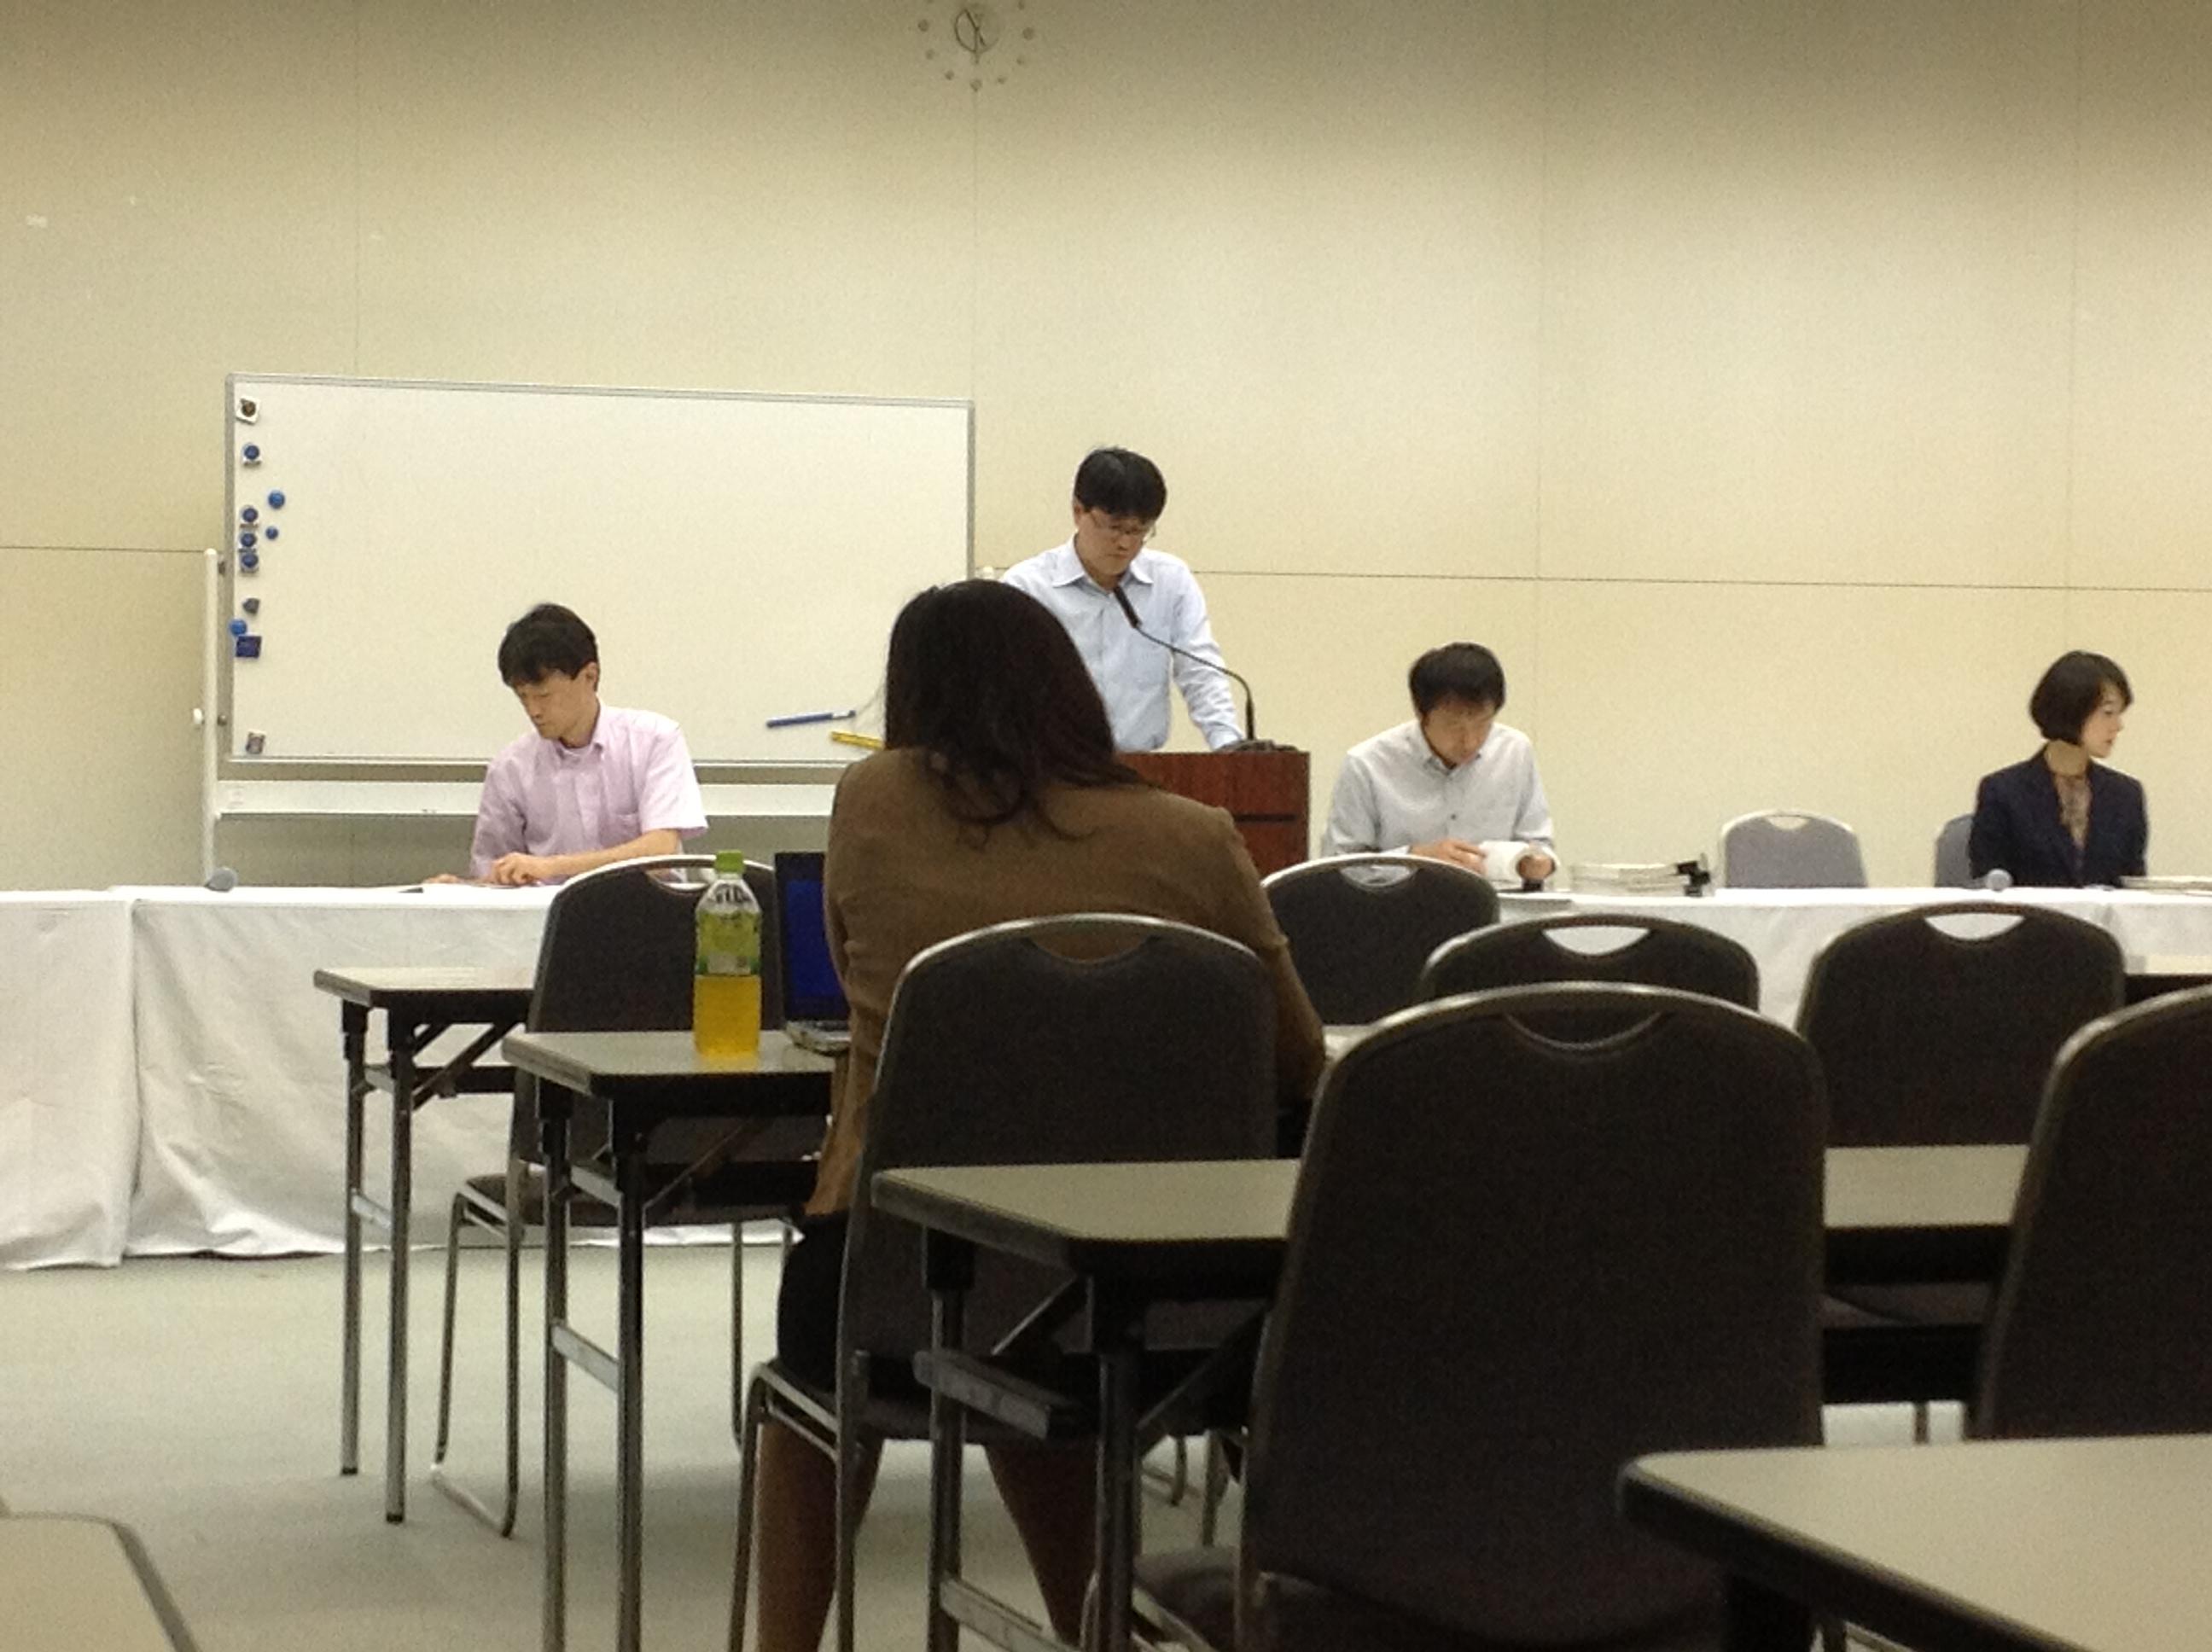 http://daily.magazine9.jp/m9/oshidori/IMG_1708.JPG